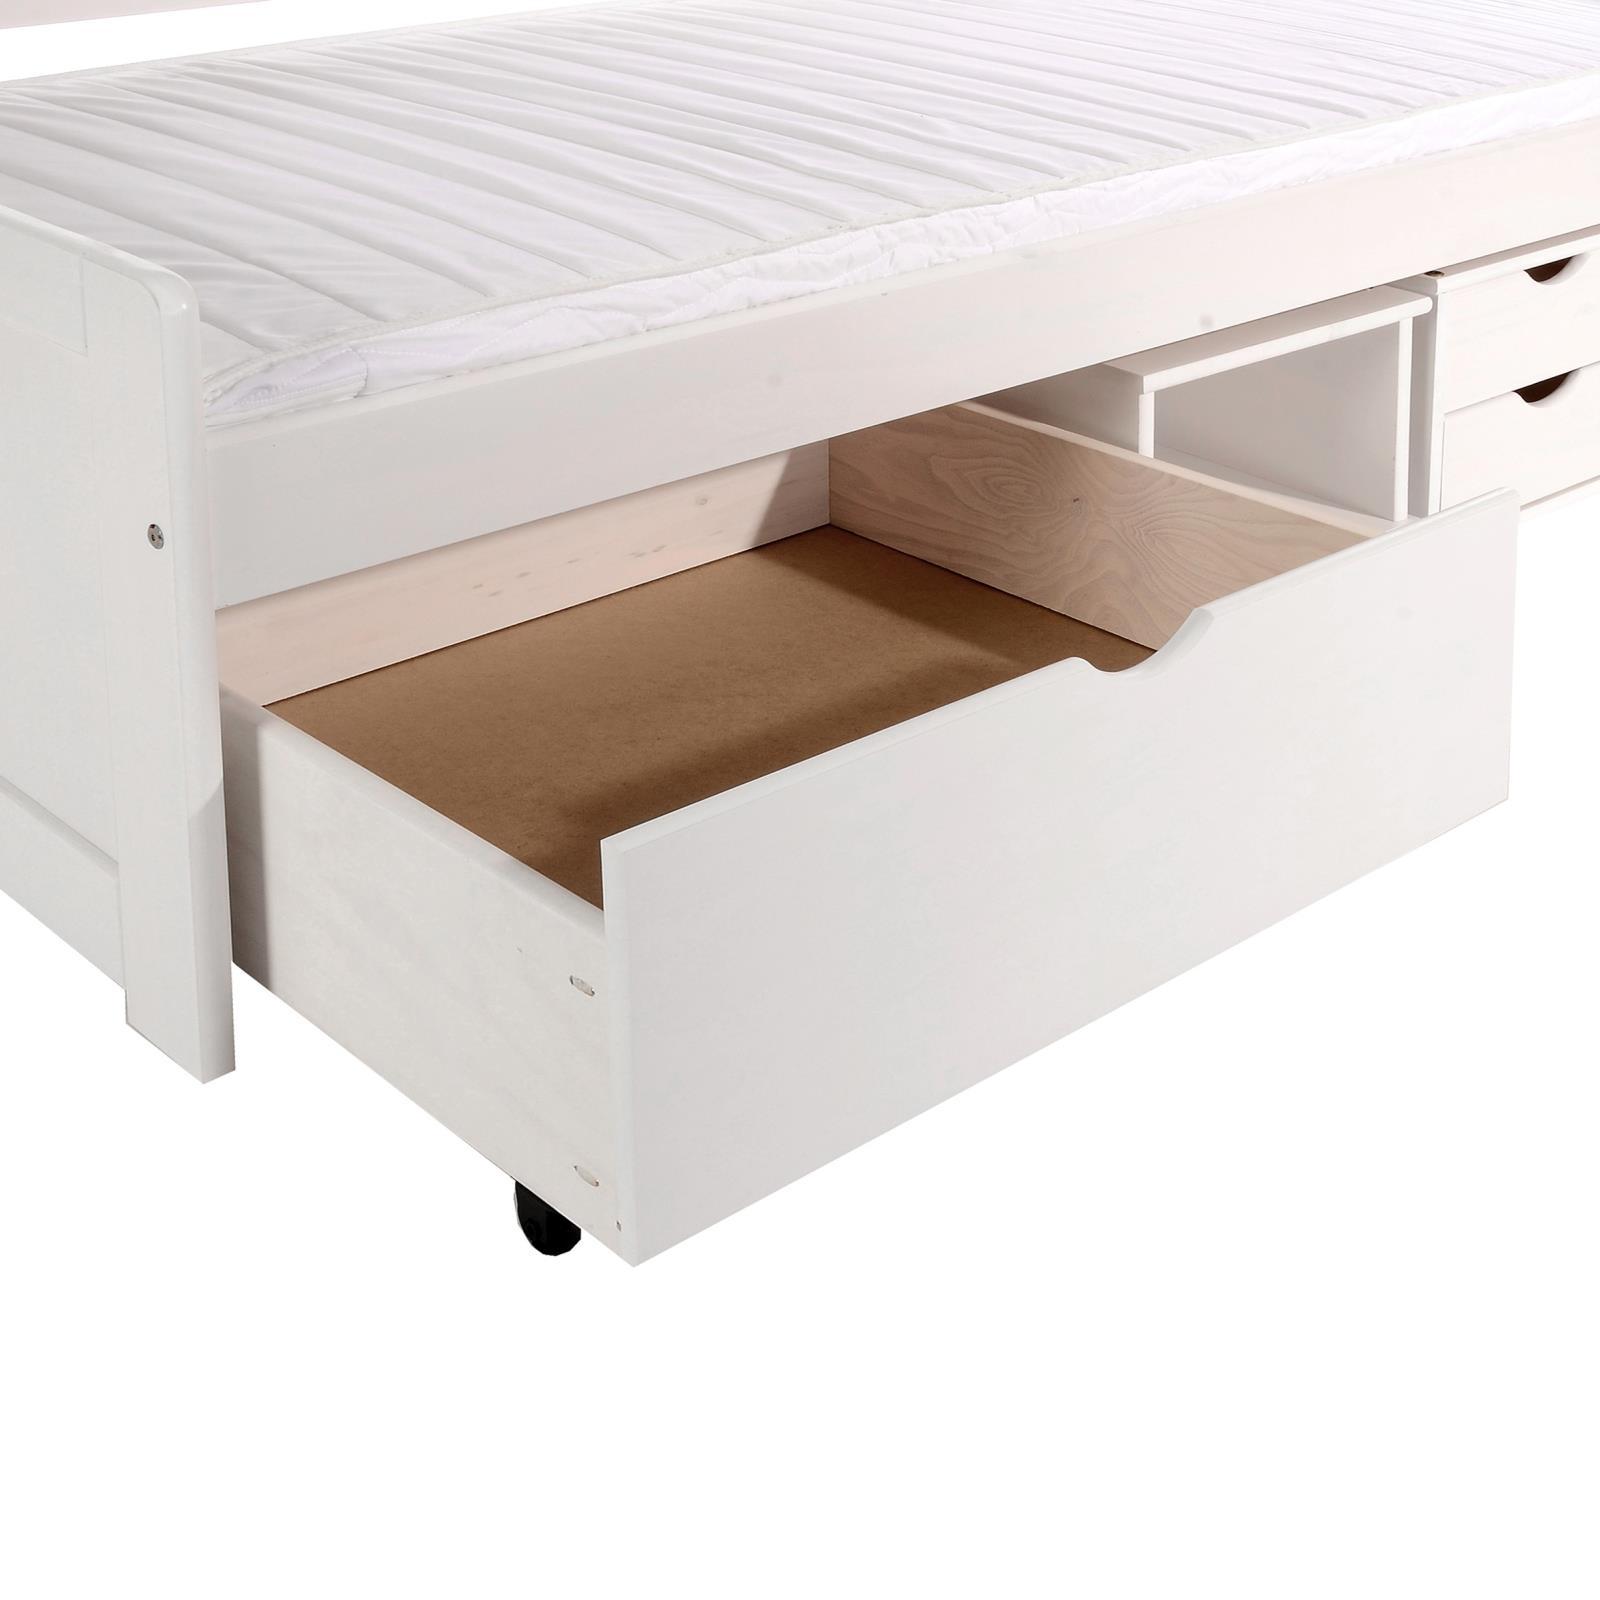 funktionsbett vanessa mit stauraum farbe wei caro m bel. Black Bedroom Furniture Sets. Home Design Ideas